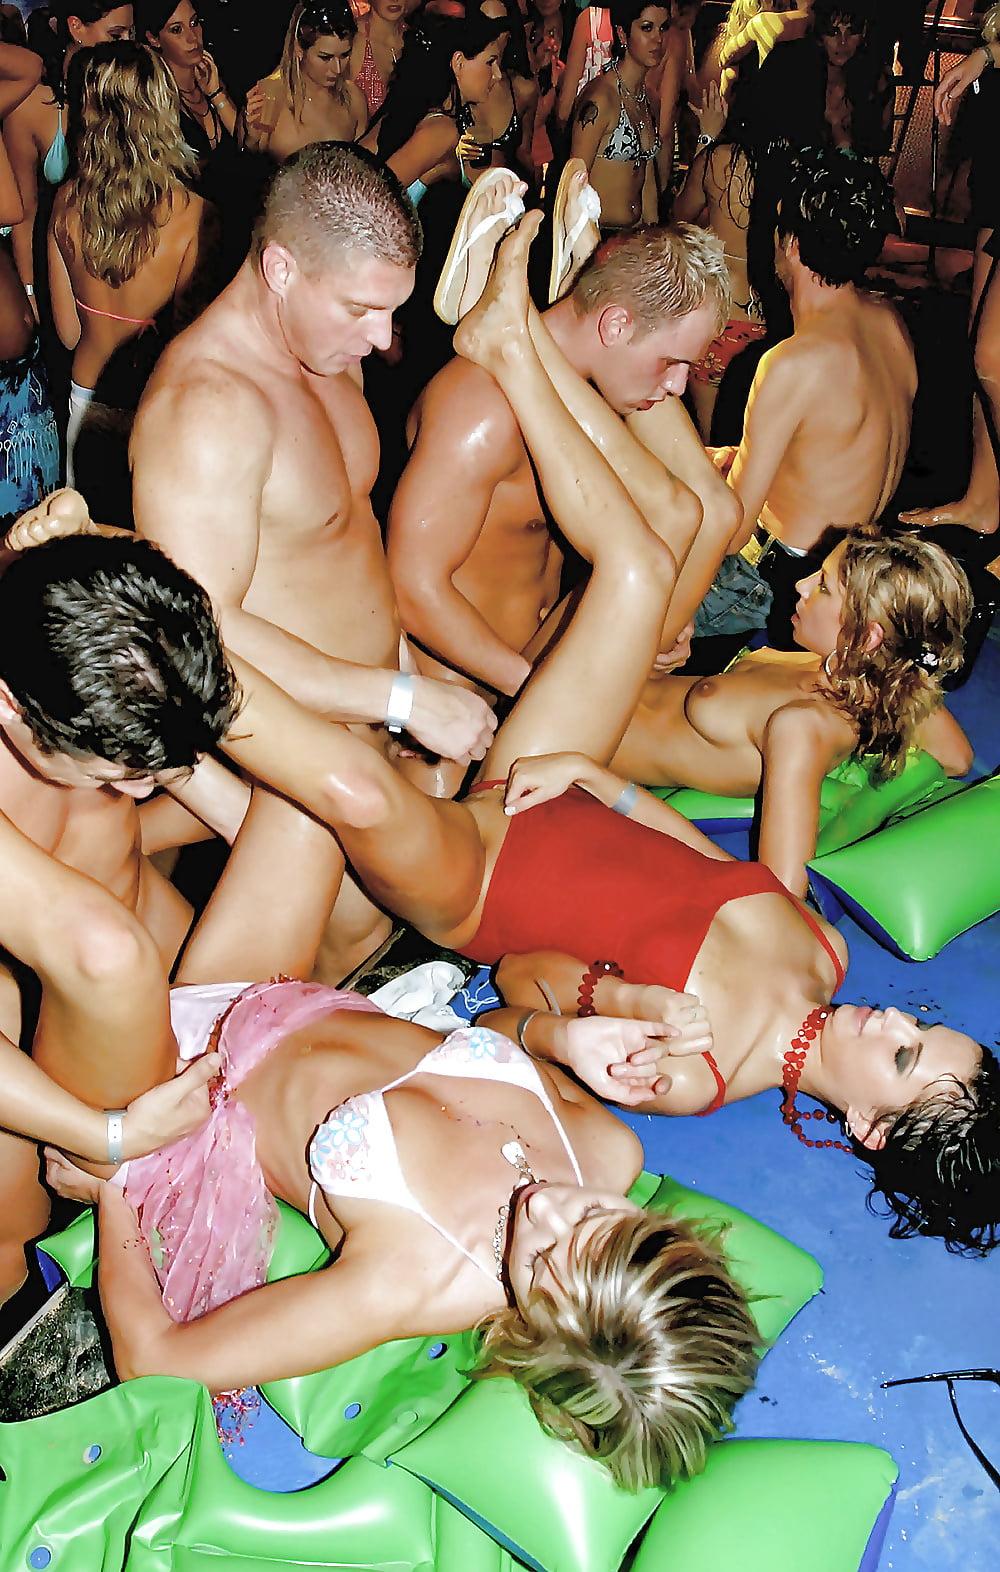 Свинг вечеринки в омске фото, русская порнуха массаж мужику